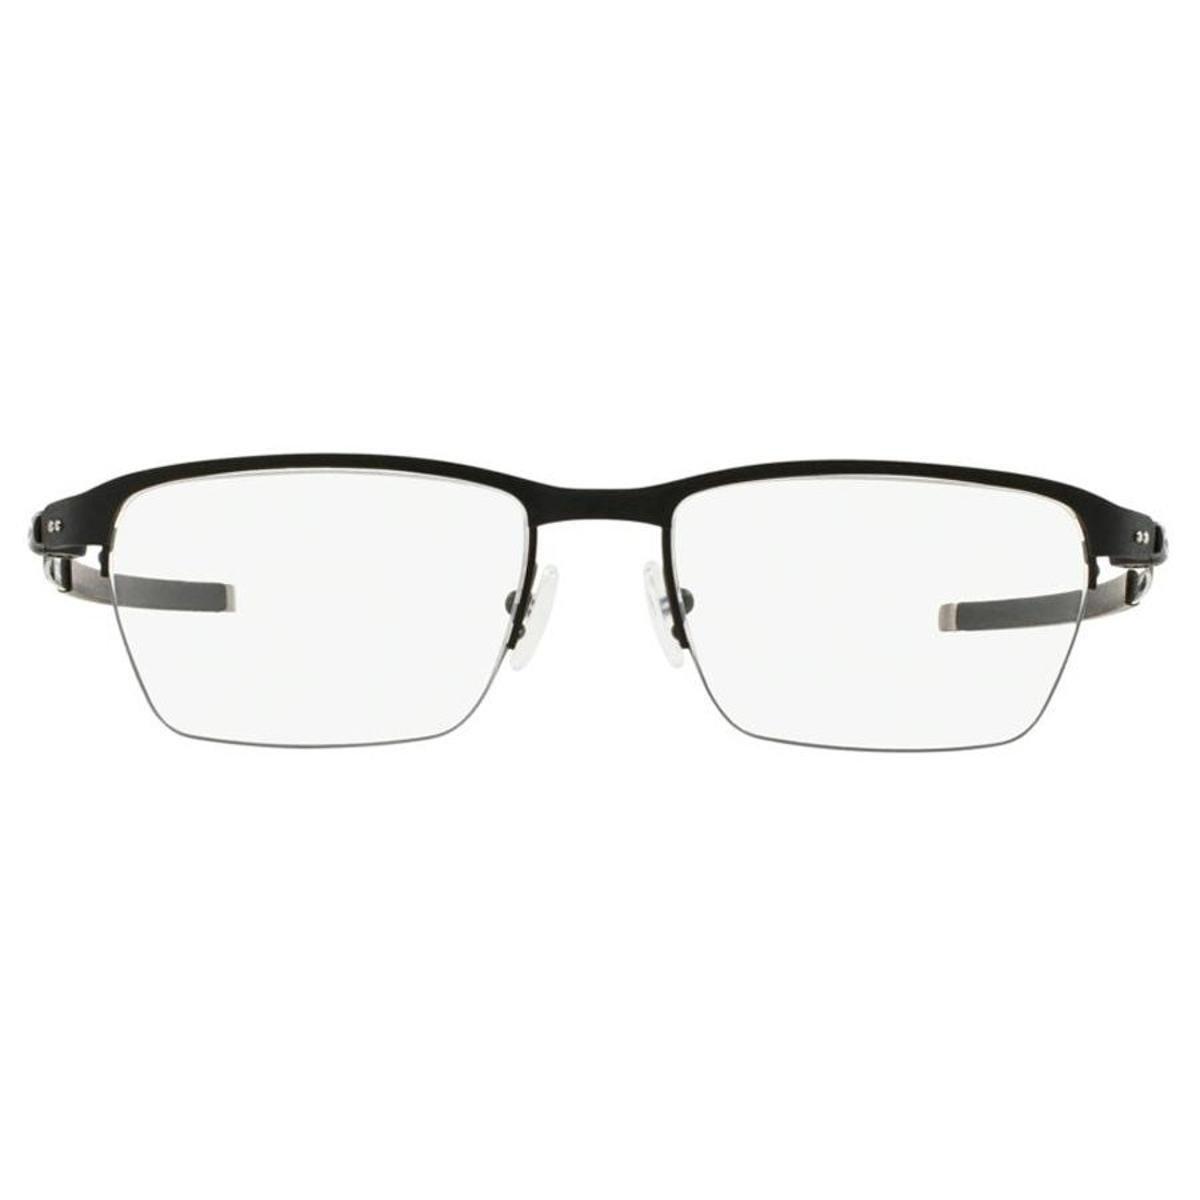 863fc5df3 Arma%C3%A7%C3%A3o Oculos Oakley Titanium